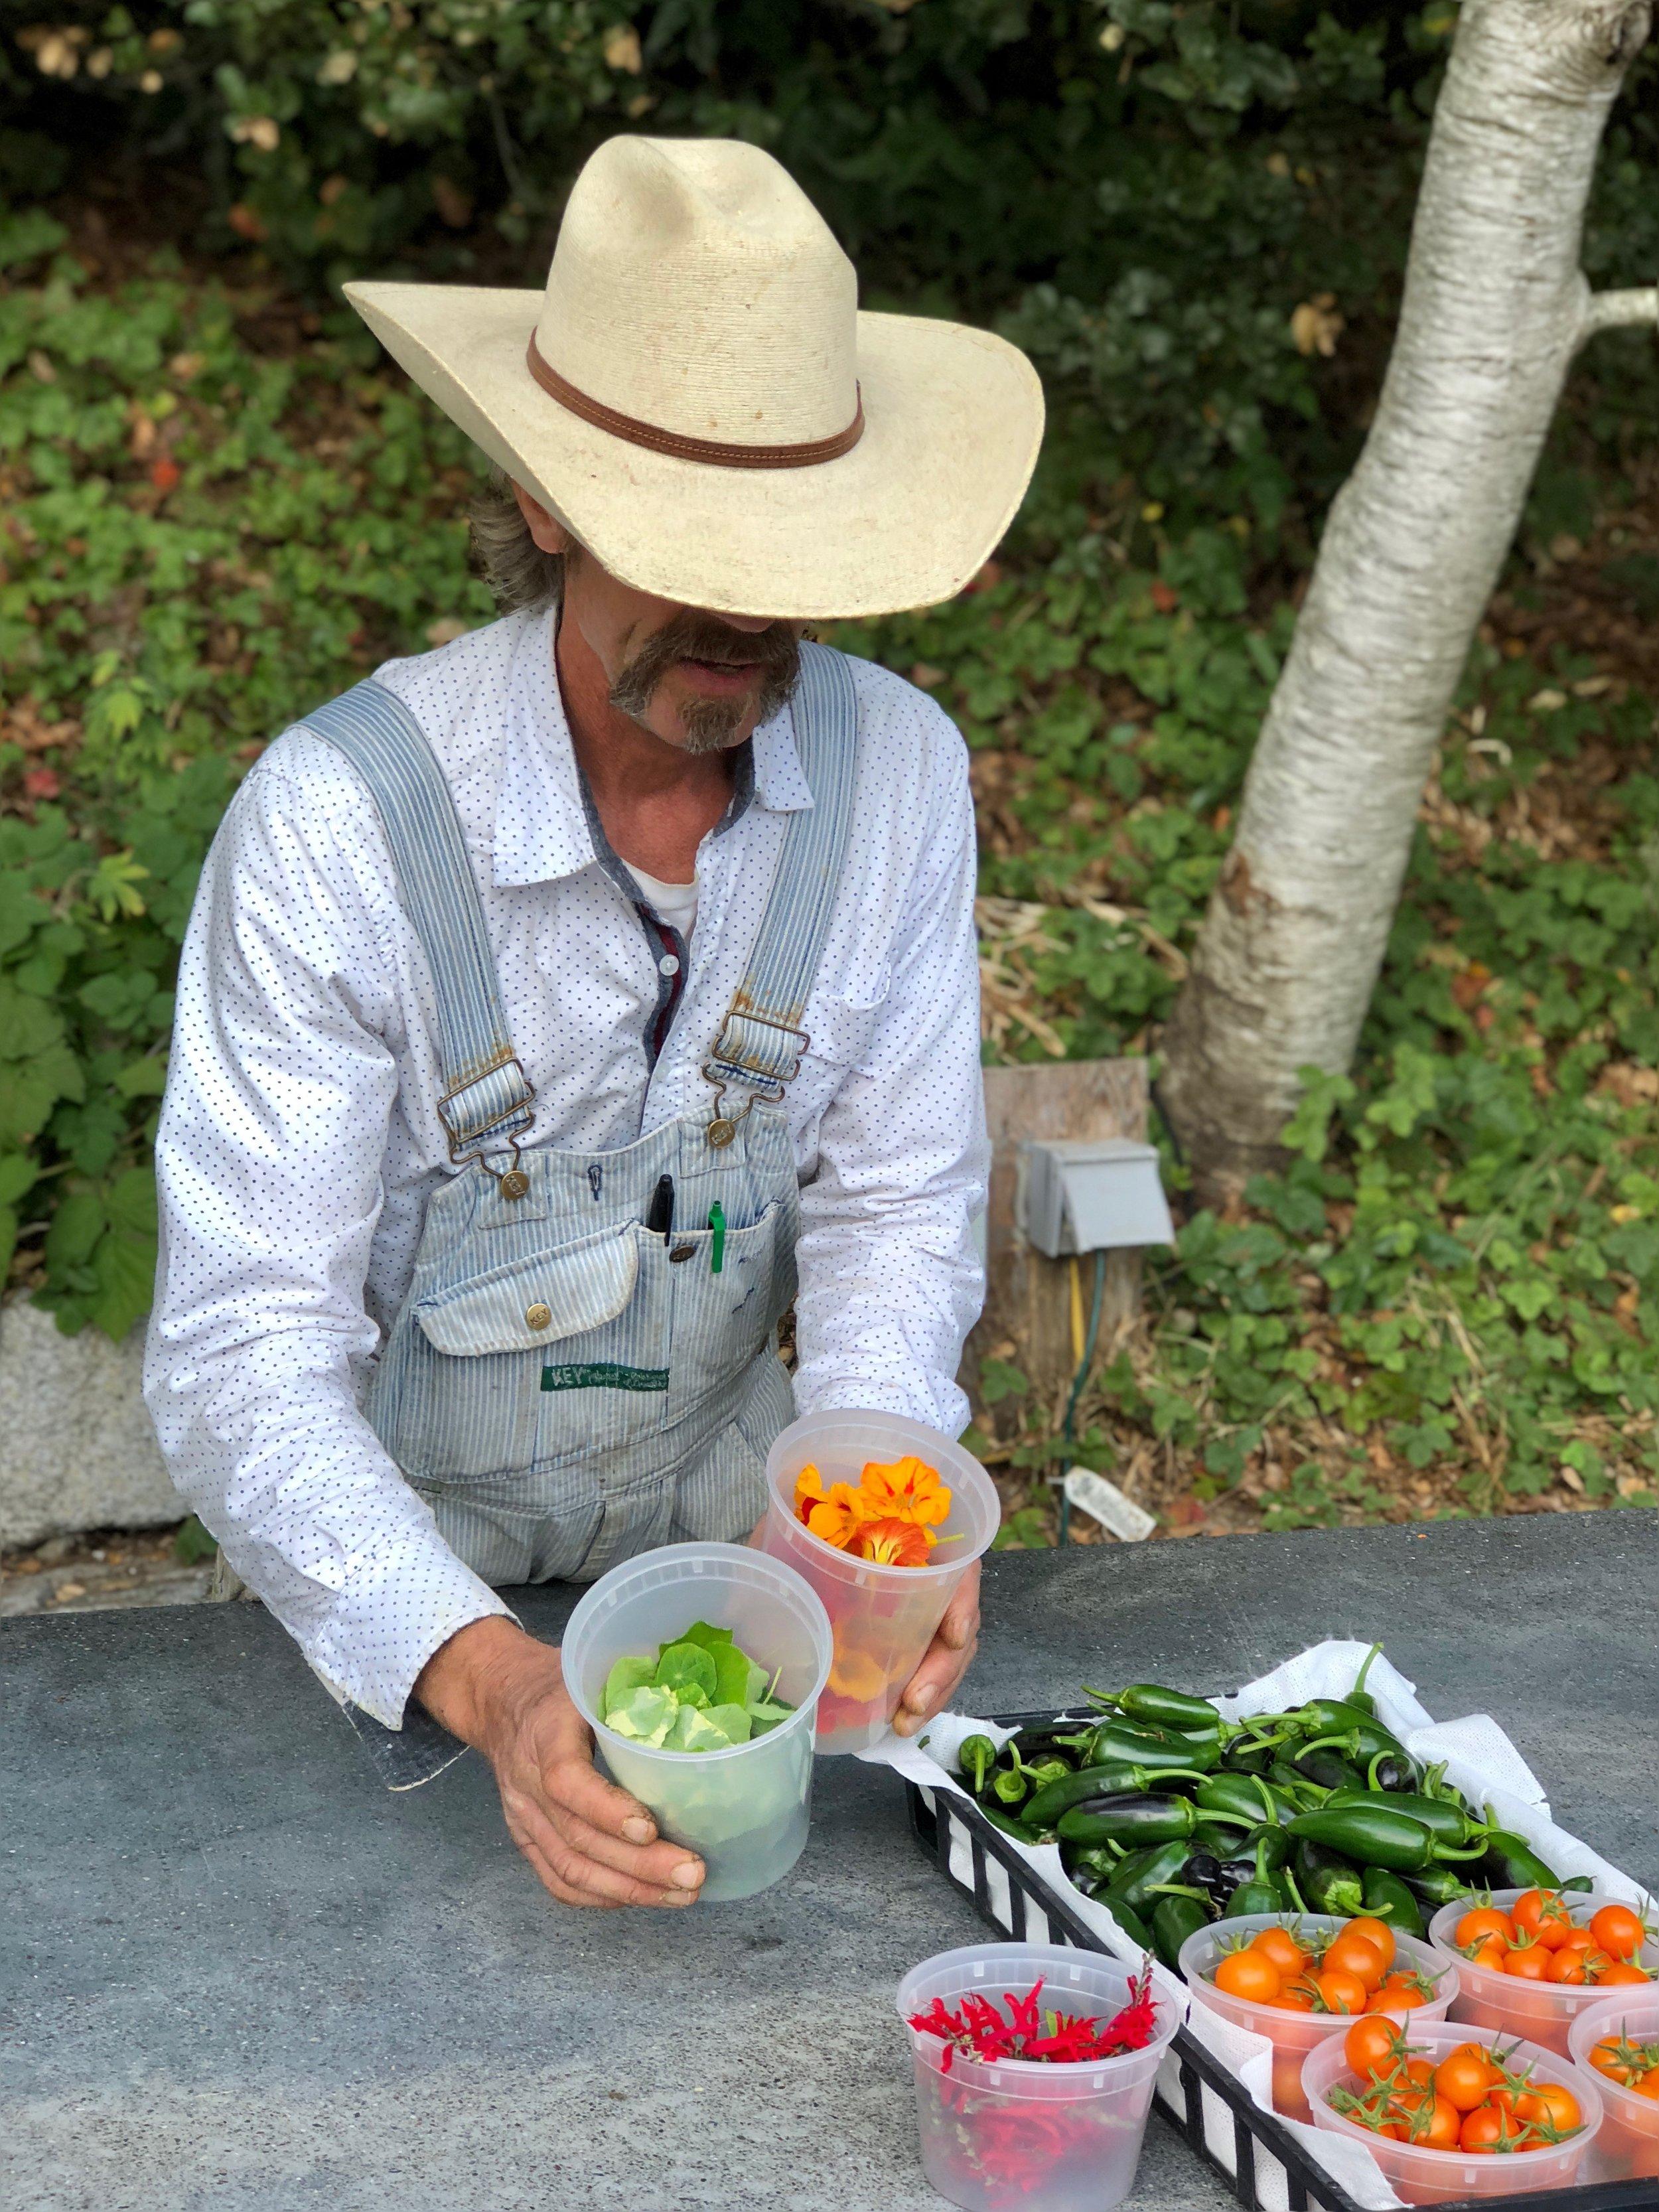 chefs garden 3629.jpeg